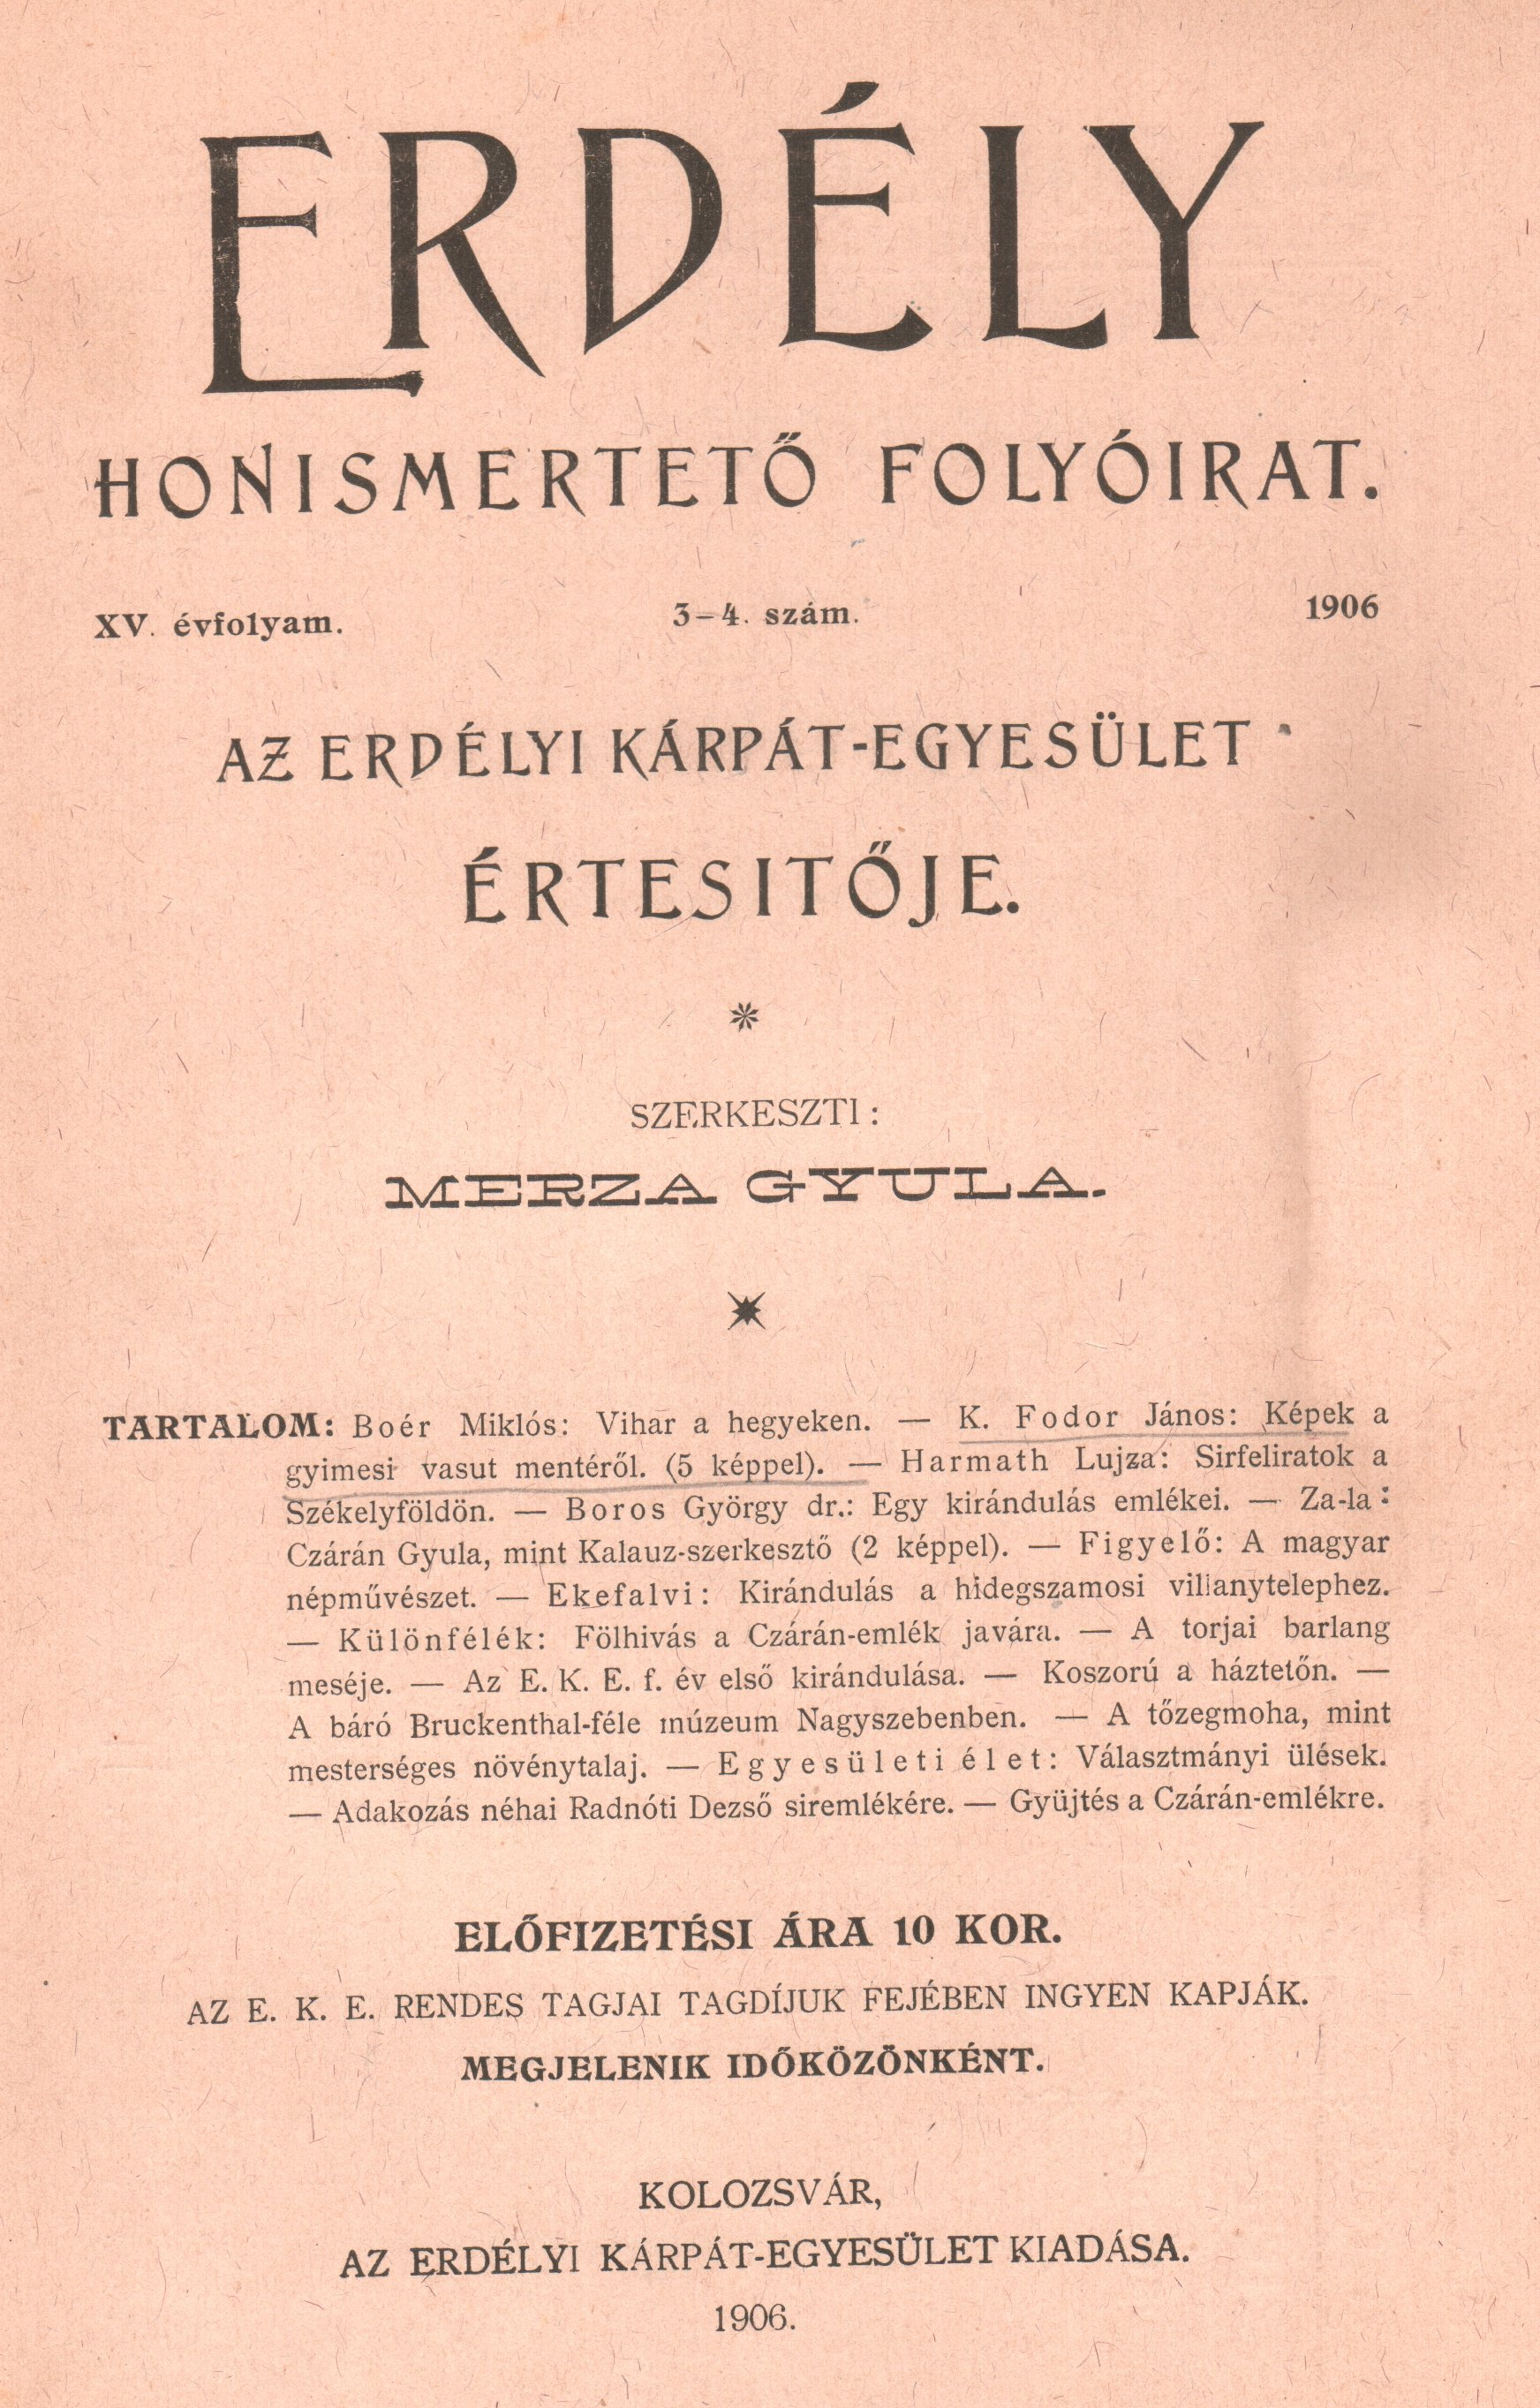 erdely-borito